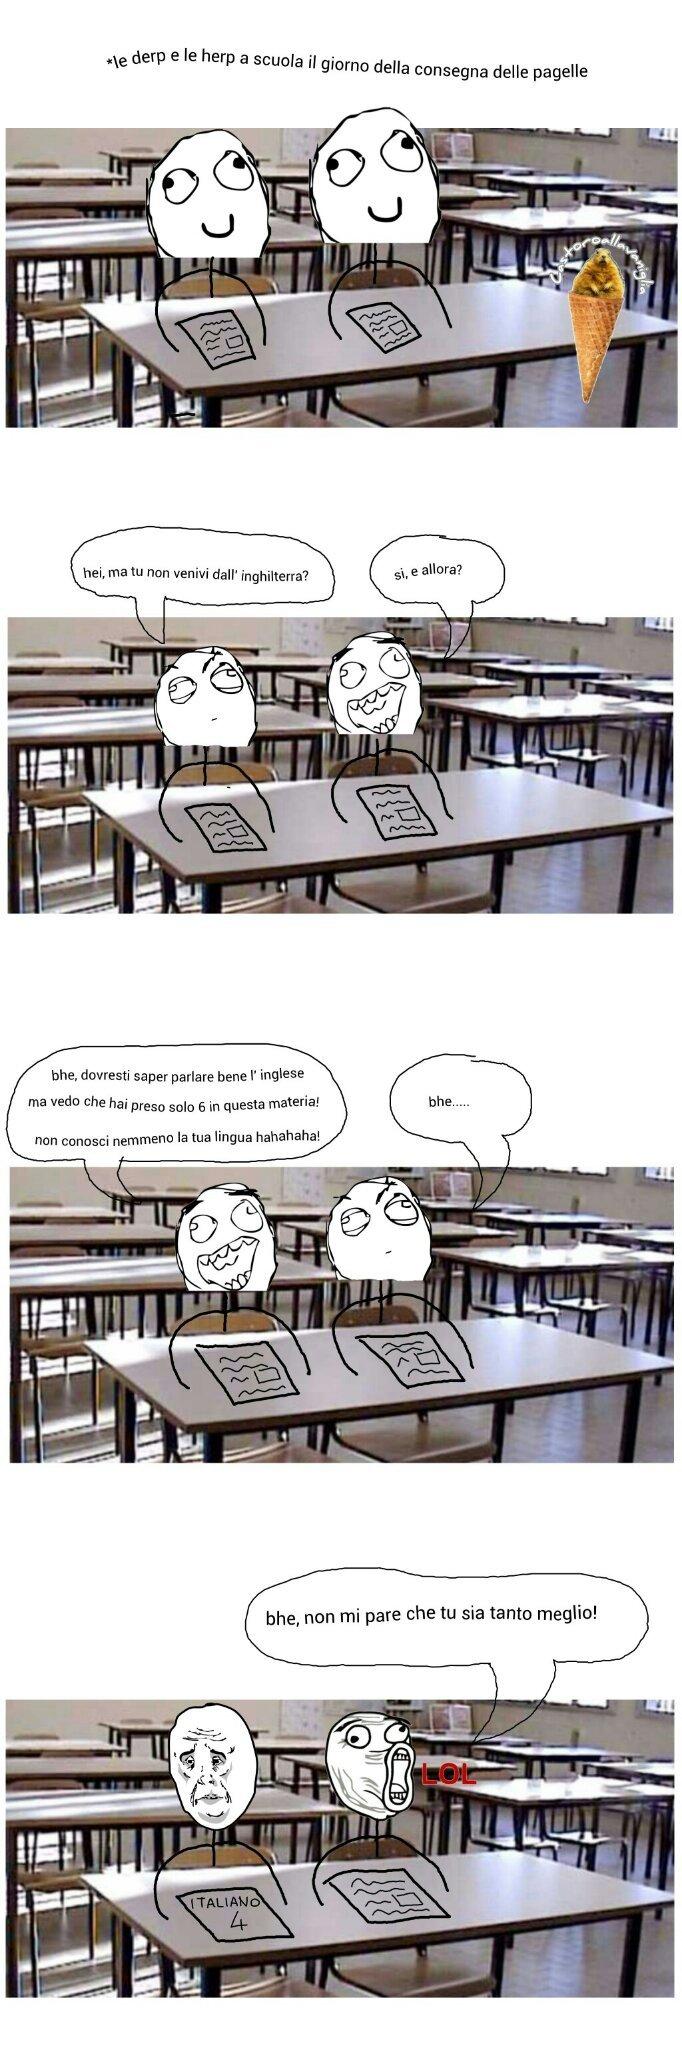 Guardate il foglio a destra nell' ultima vignetta! - meme